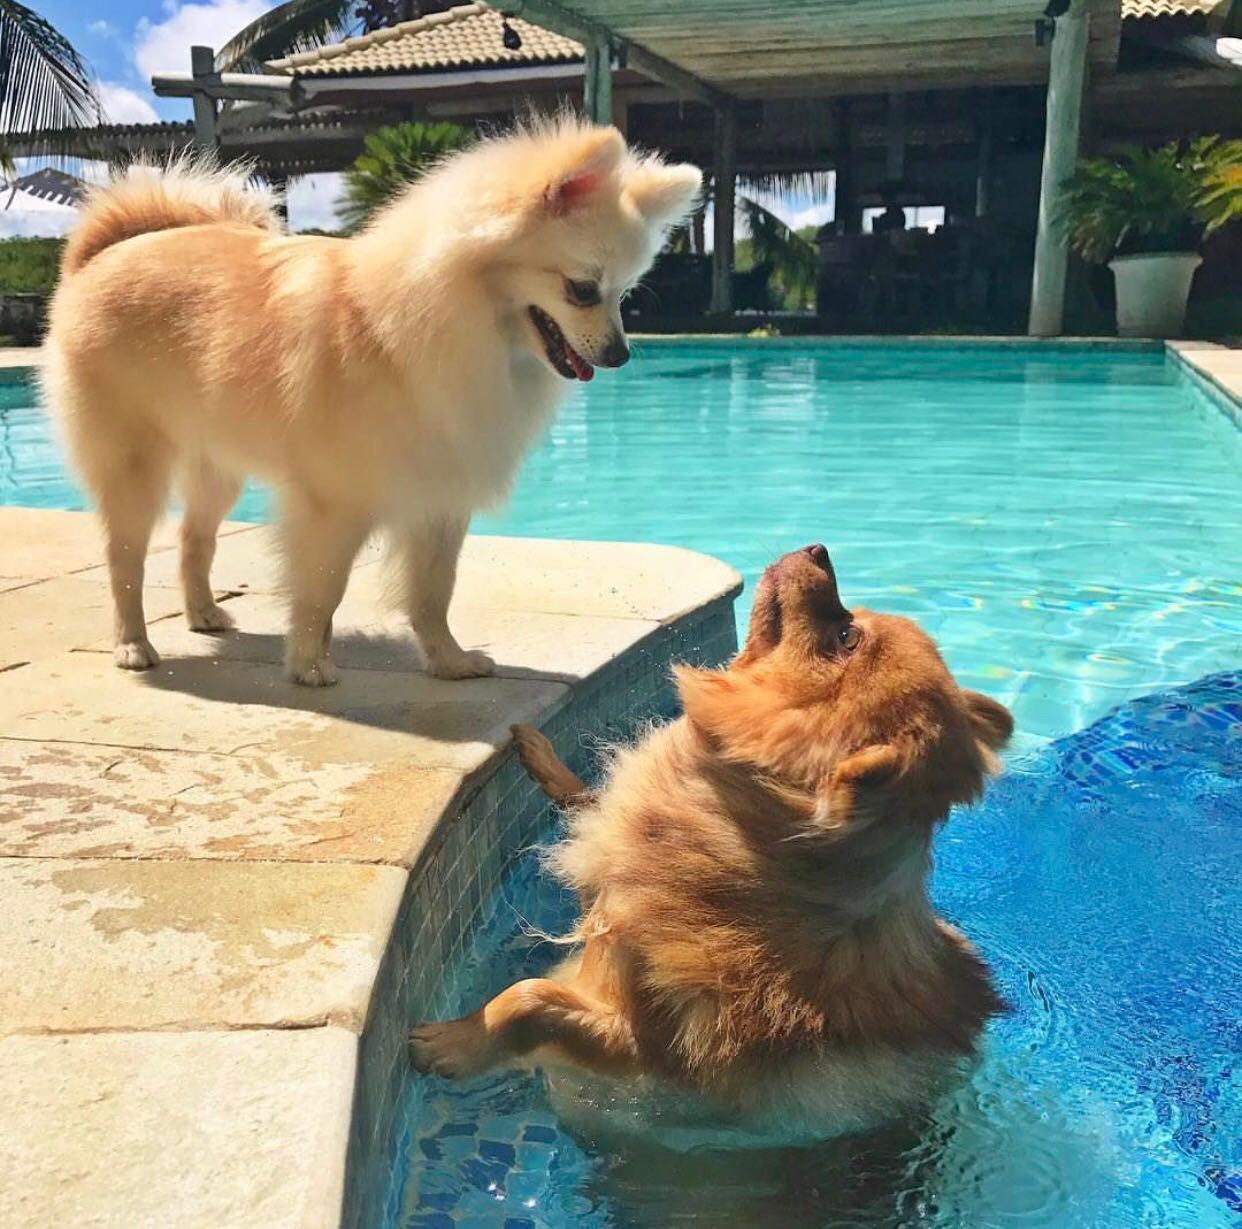 Jolie e Bono curtindo um banho de piscina em Toquinho - Crédito: Arquivo pessoal